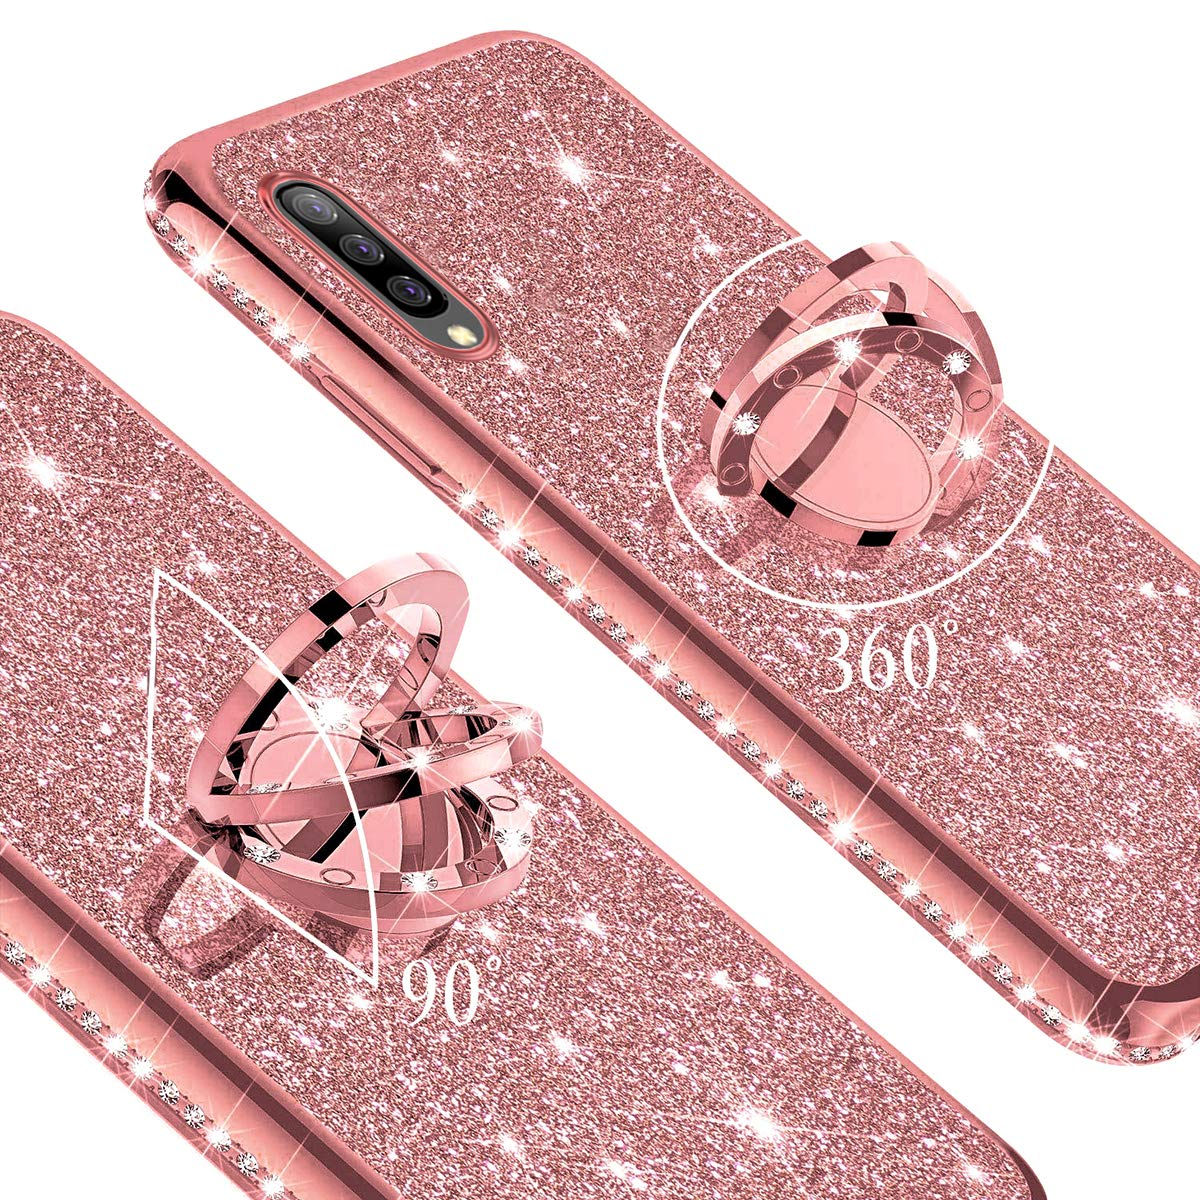 Felfy Anillo Funda Compatible con Galaxy A50 Carcasa Diamante,Compatible con Funda Galaxy A50 Purpurina Brillante Brillo Cubierta con Anillo Ultra Slim Silicona TPU Glitter Bling Case-Oro Rosa